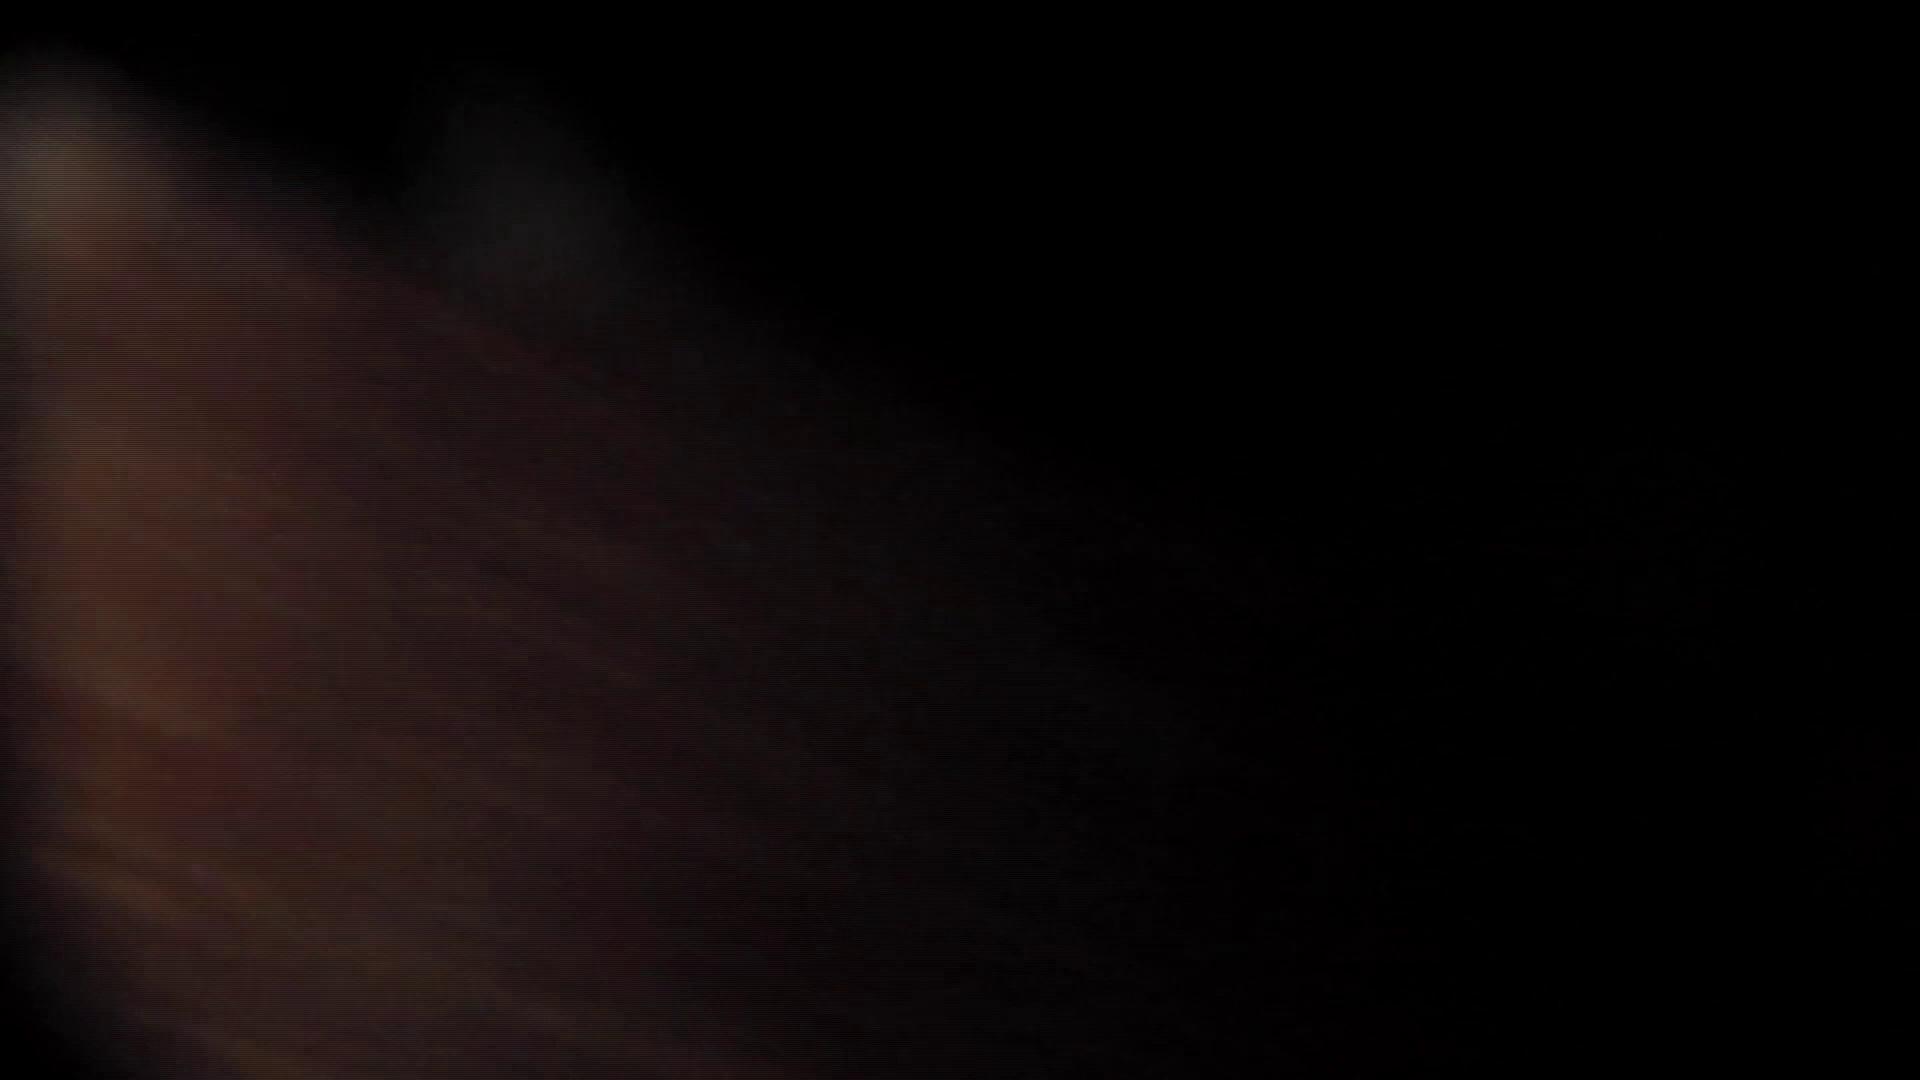 ステーション編 vol.38 画質格段にUP! OLのボディ | 0  85PIX 77